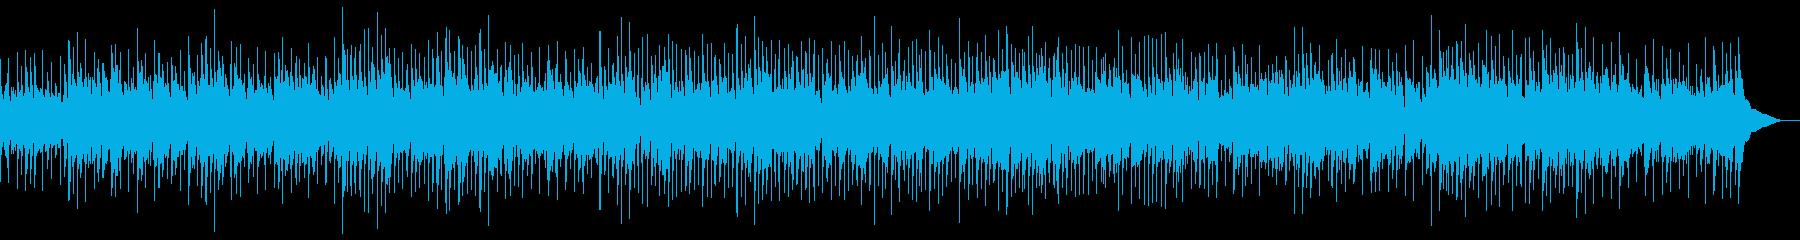 ジャズの要素も取り入れたポップの再生済みの波形